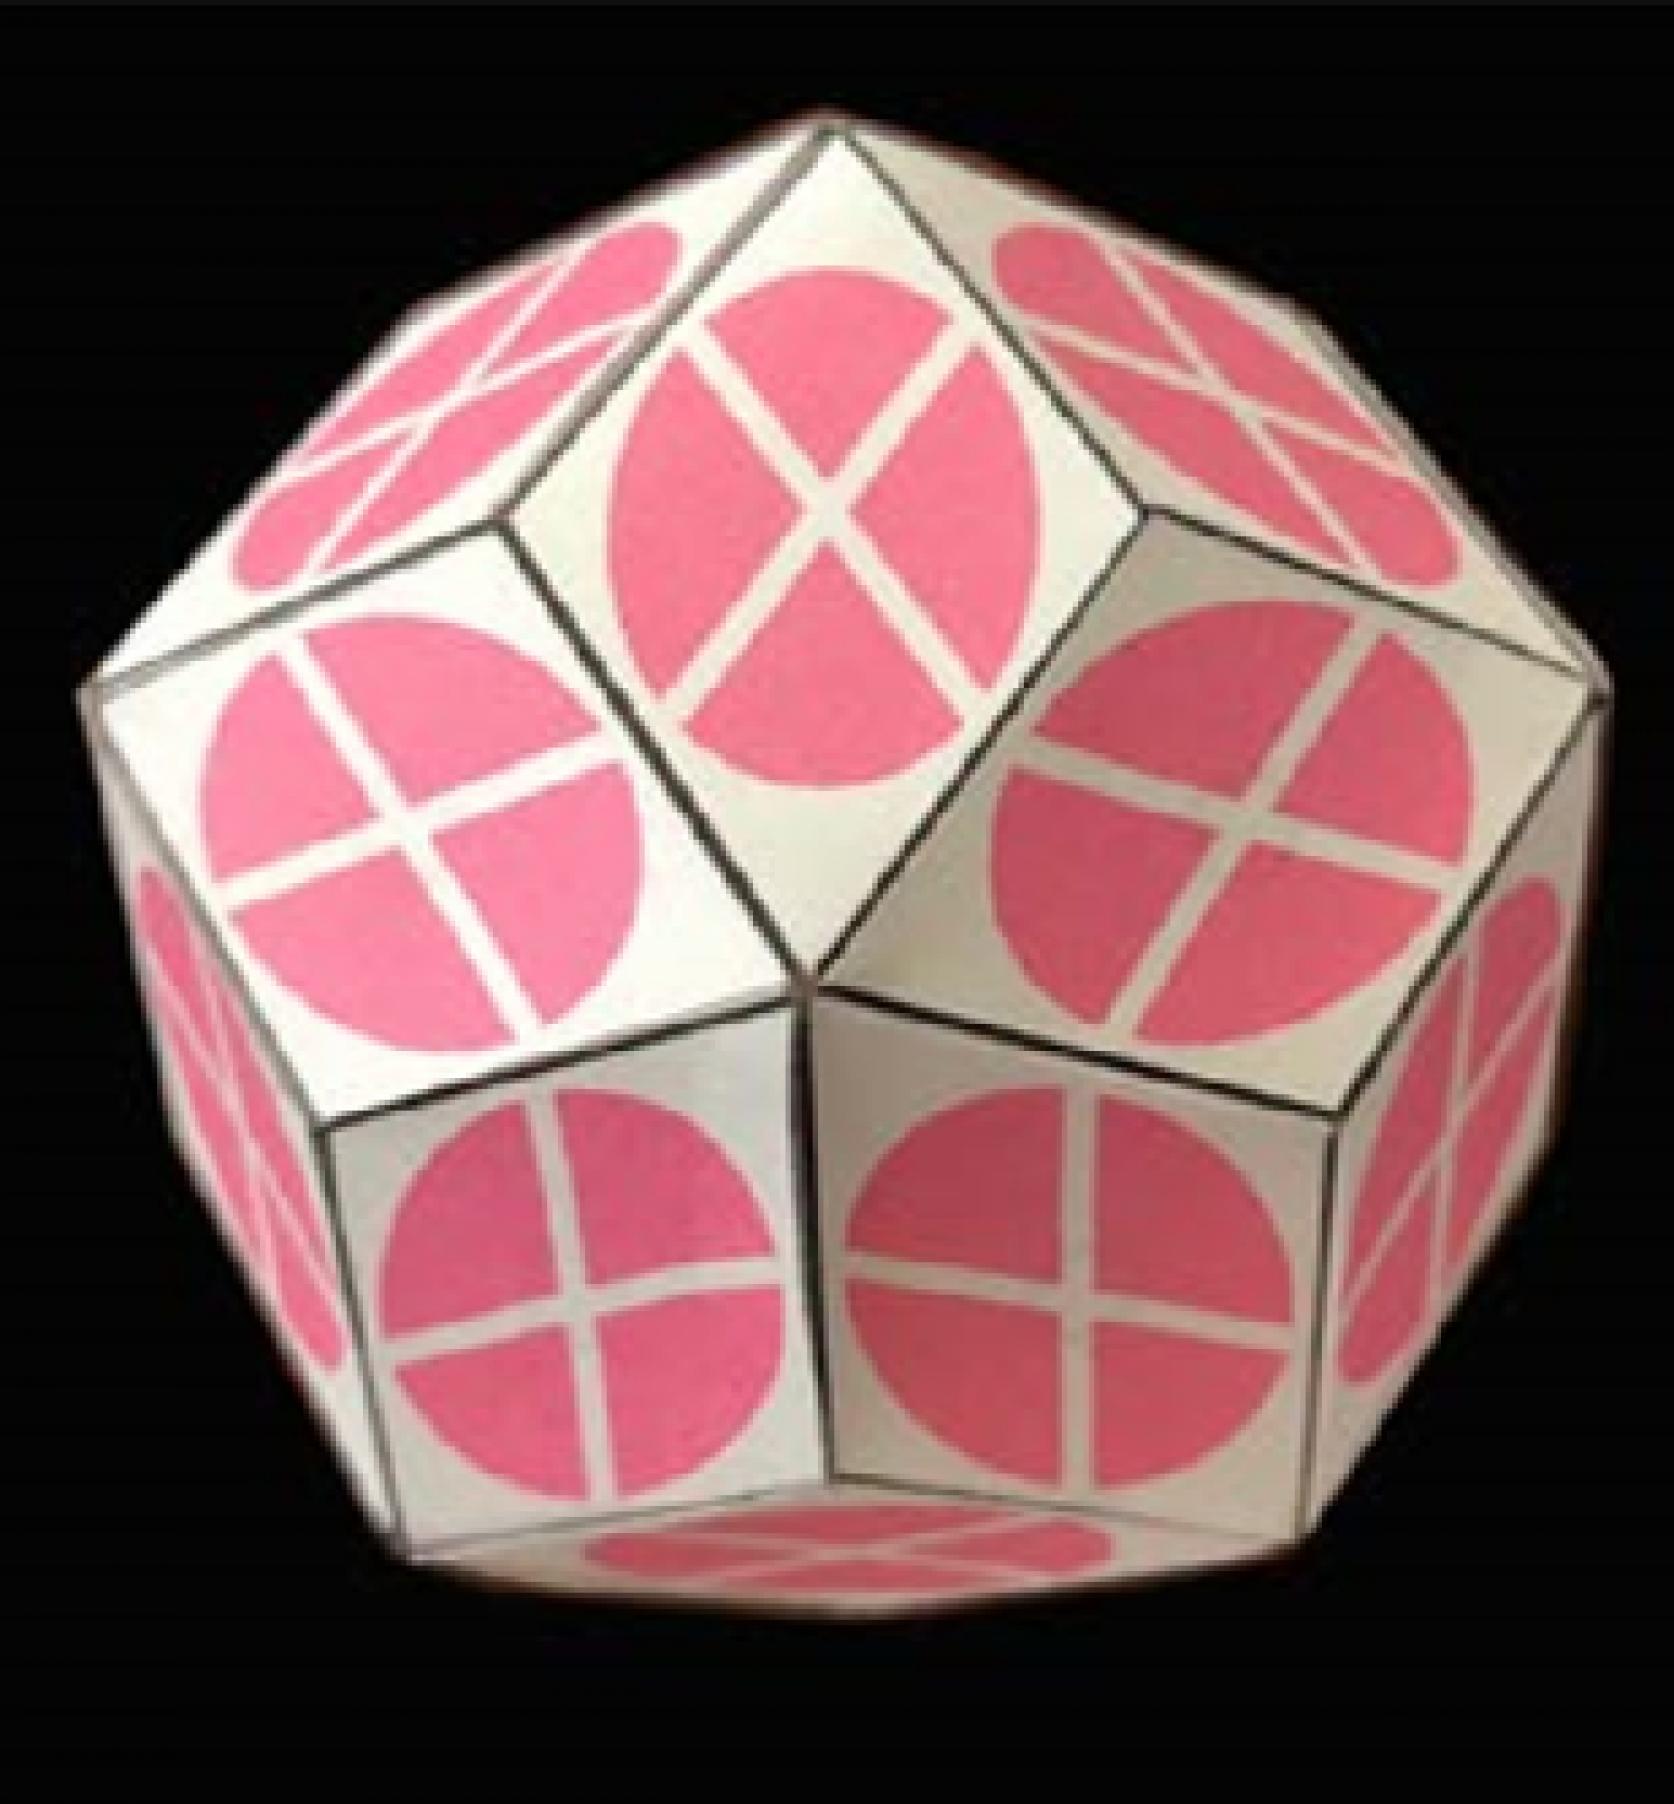 【100周年記念ロゴによる工作】編み込みによる菱形30面体の作り方